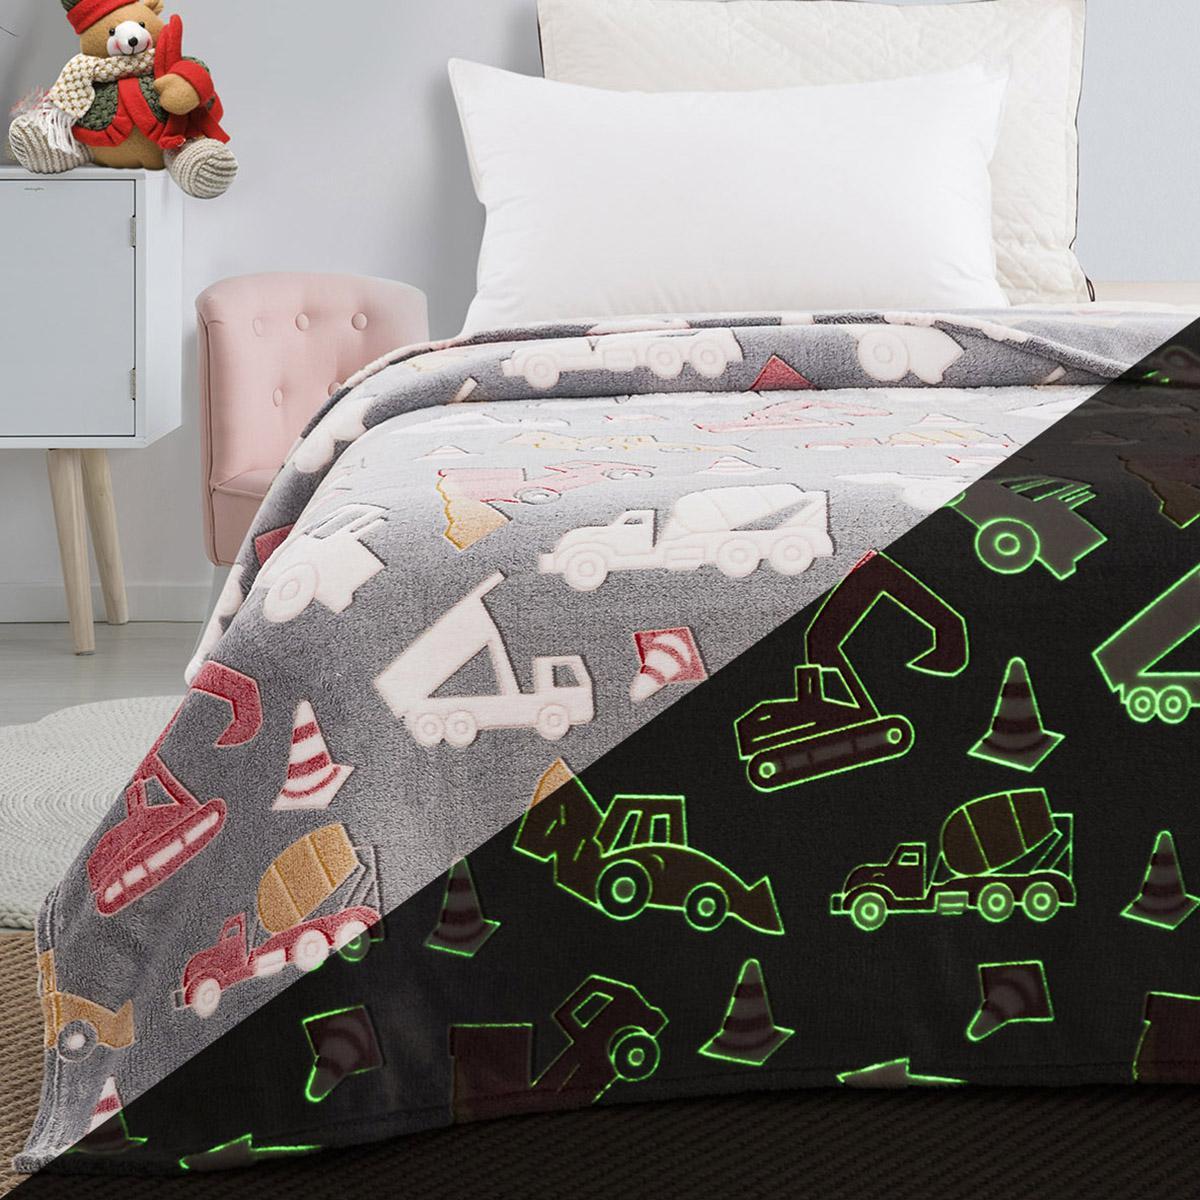 Κουβέρτα μονή φωσφορίζουσα Art 6147 160×220 Γκρι Beauty Home